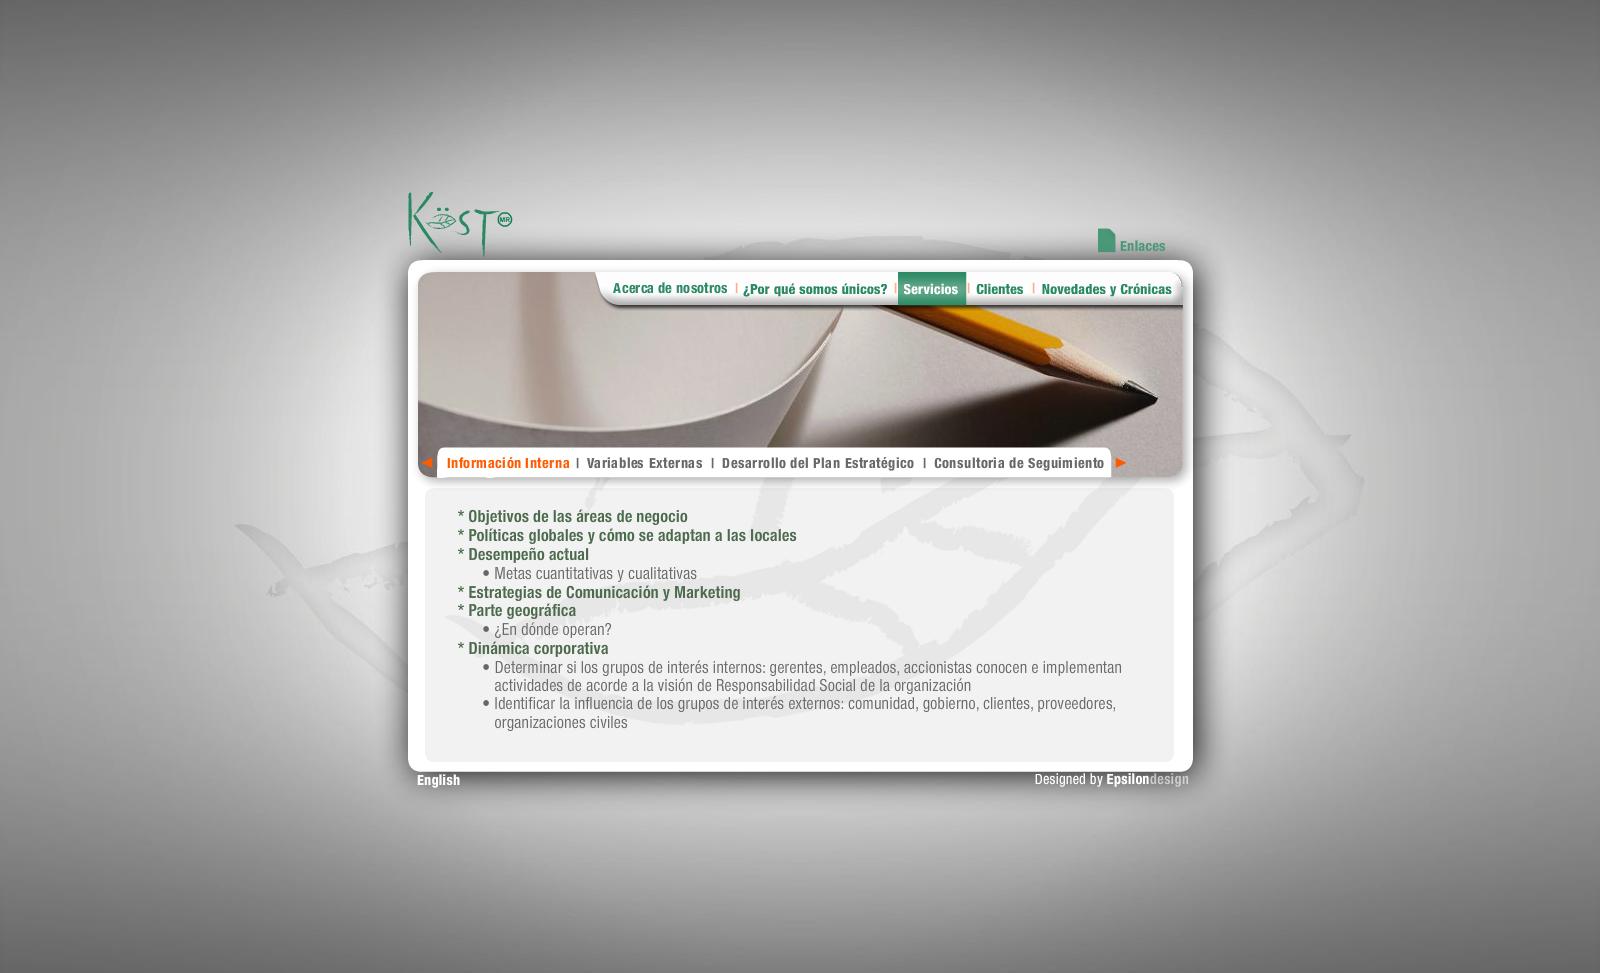 Verde Kost - Servicios (Información interna)